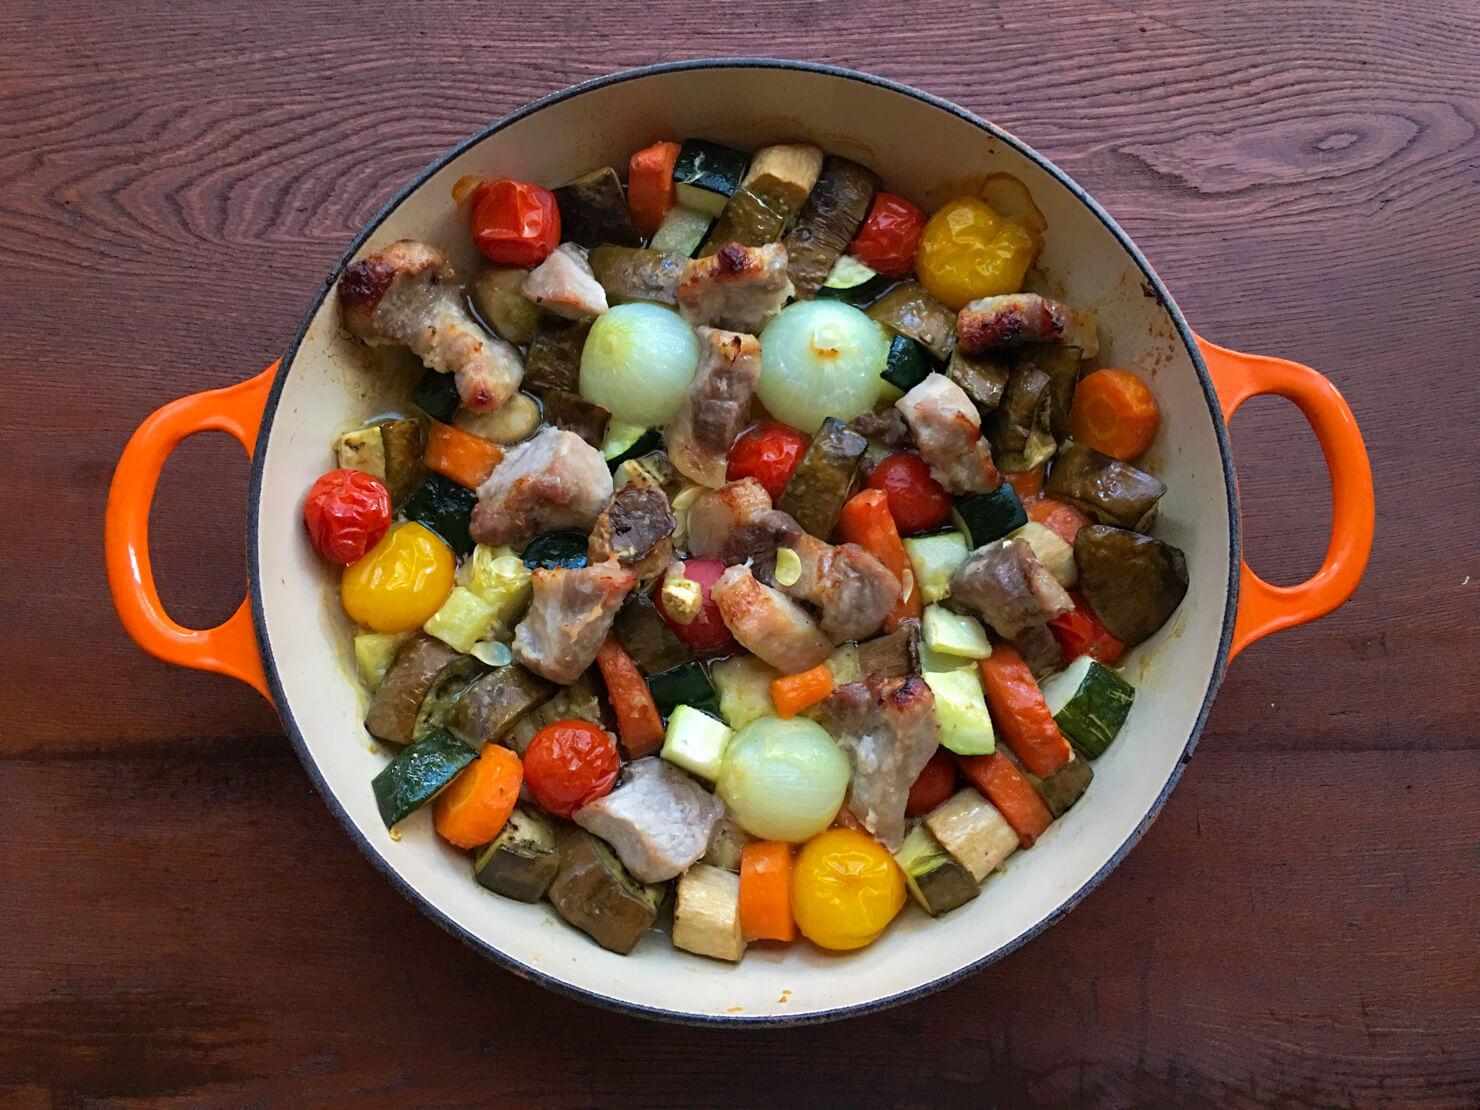 野菜のオーブン焼きの写真